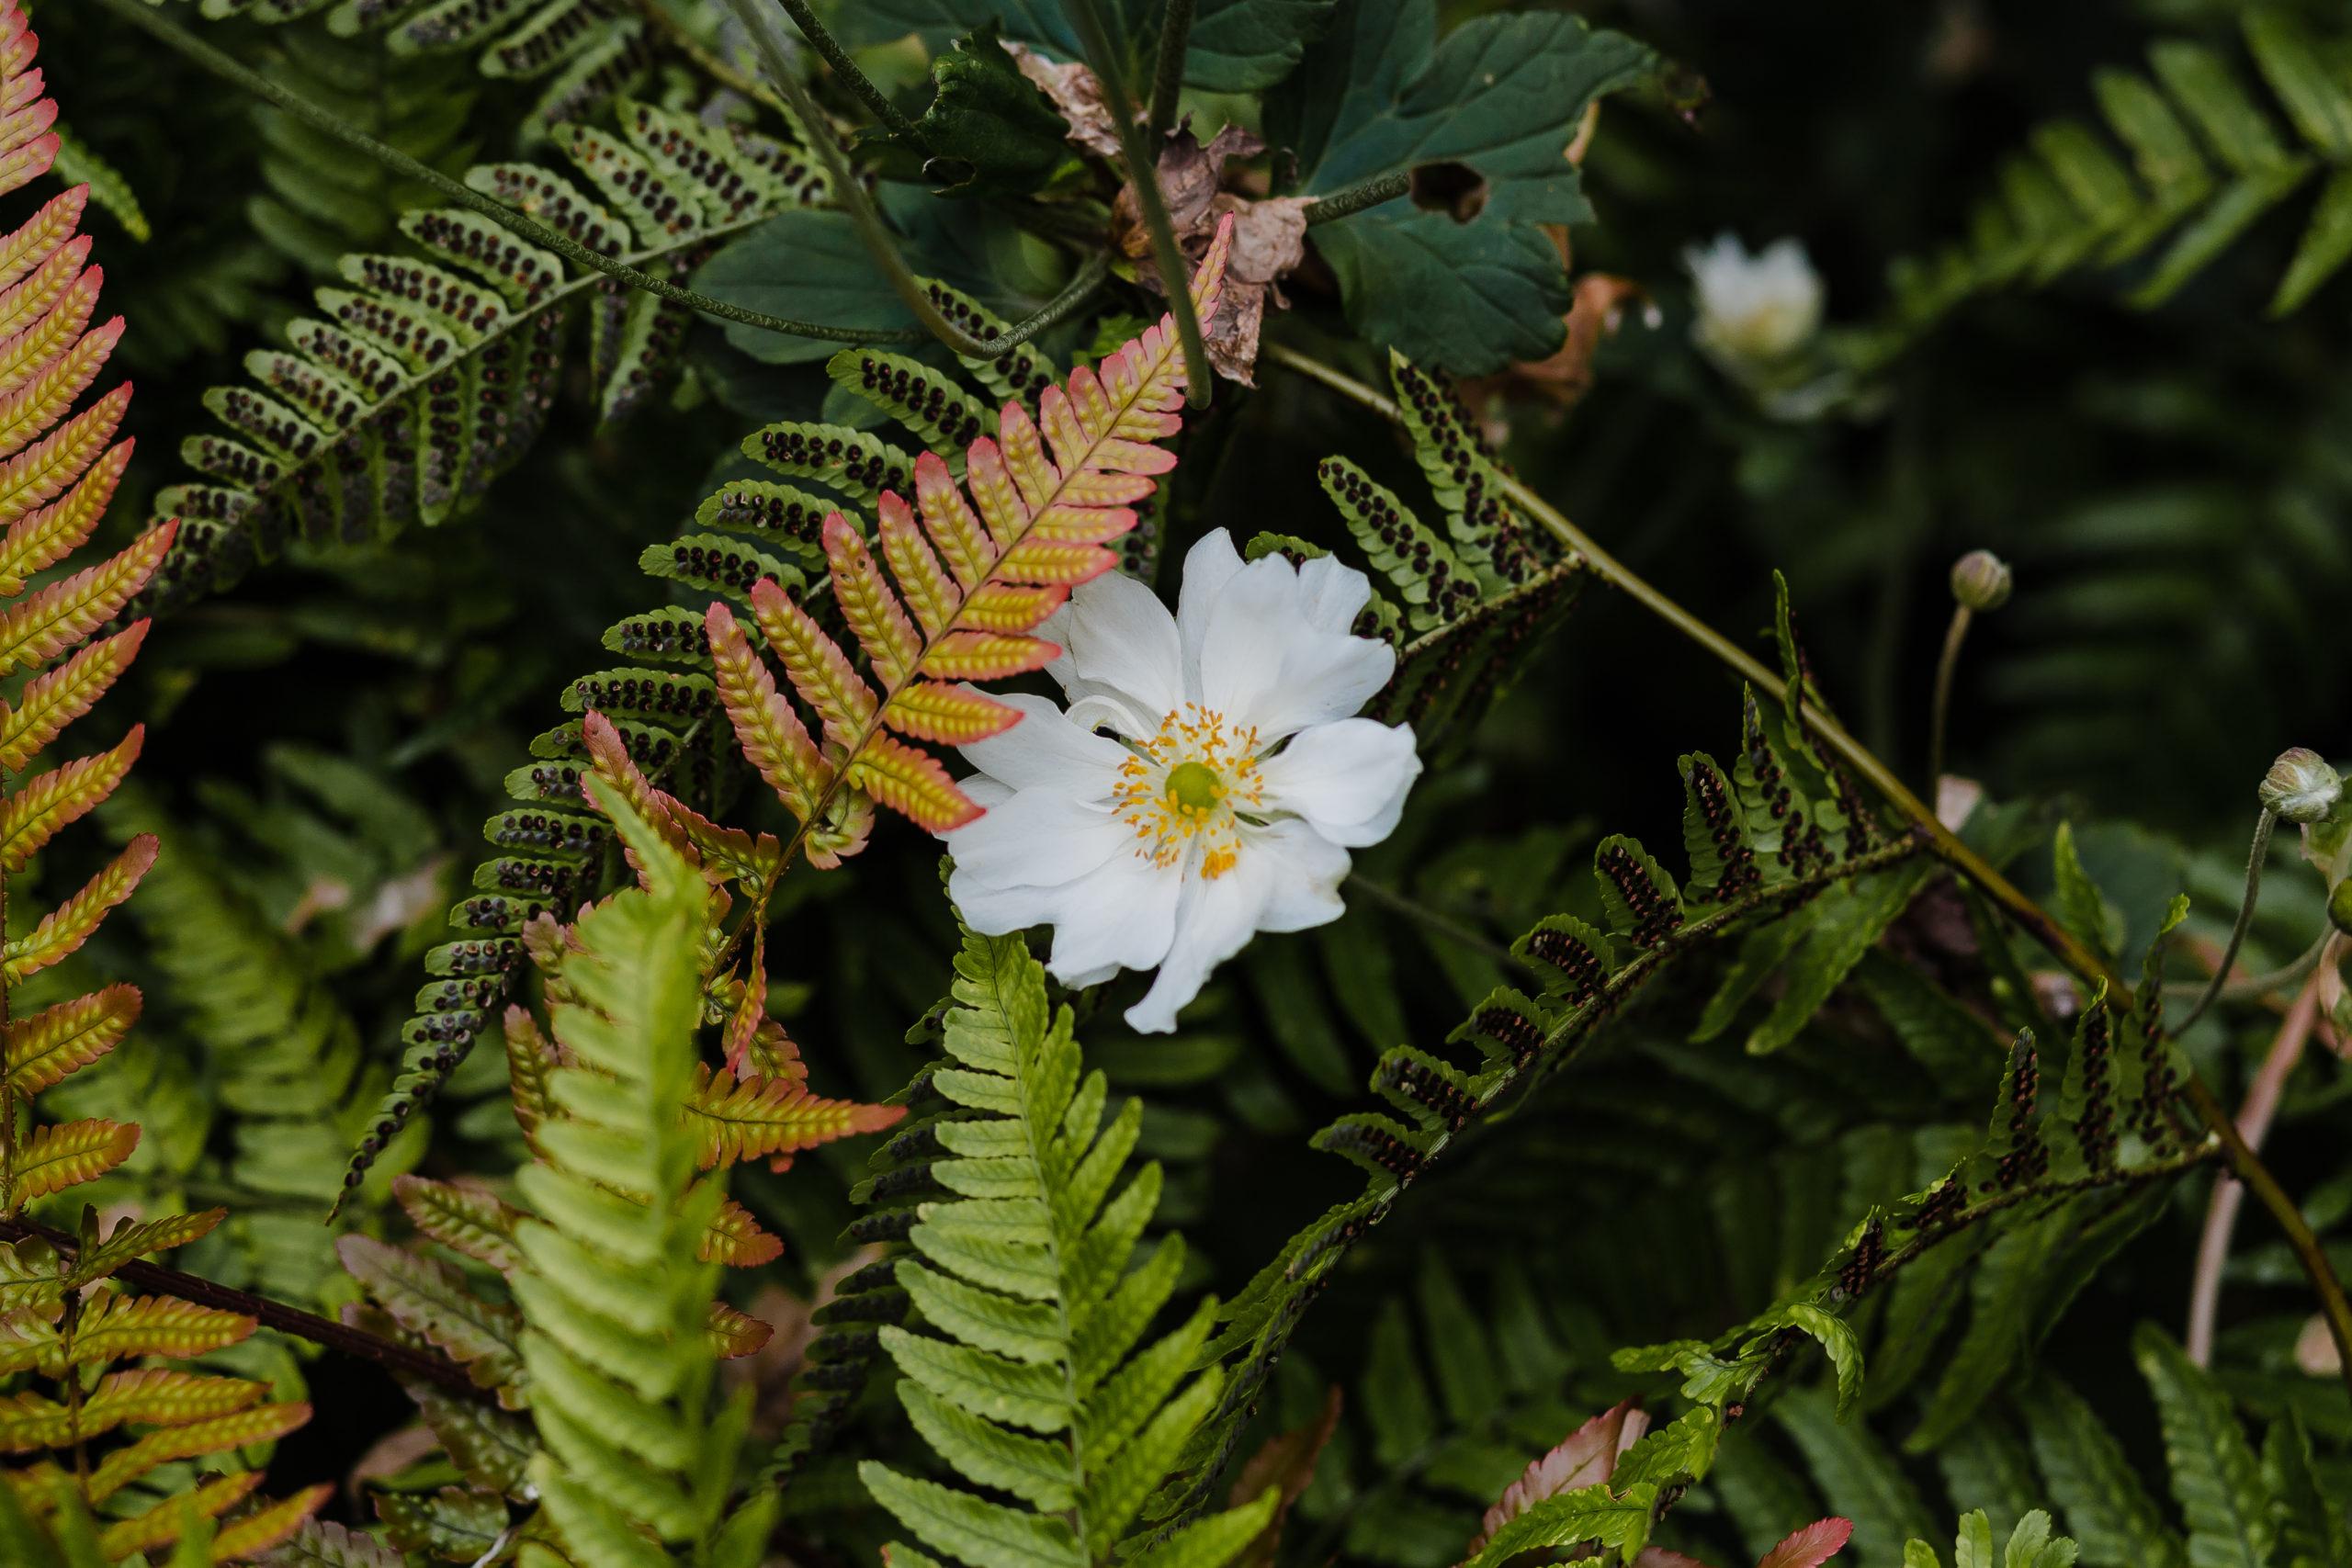 Anemone in Scotland